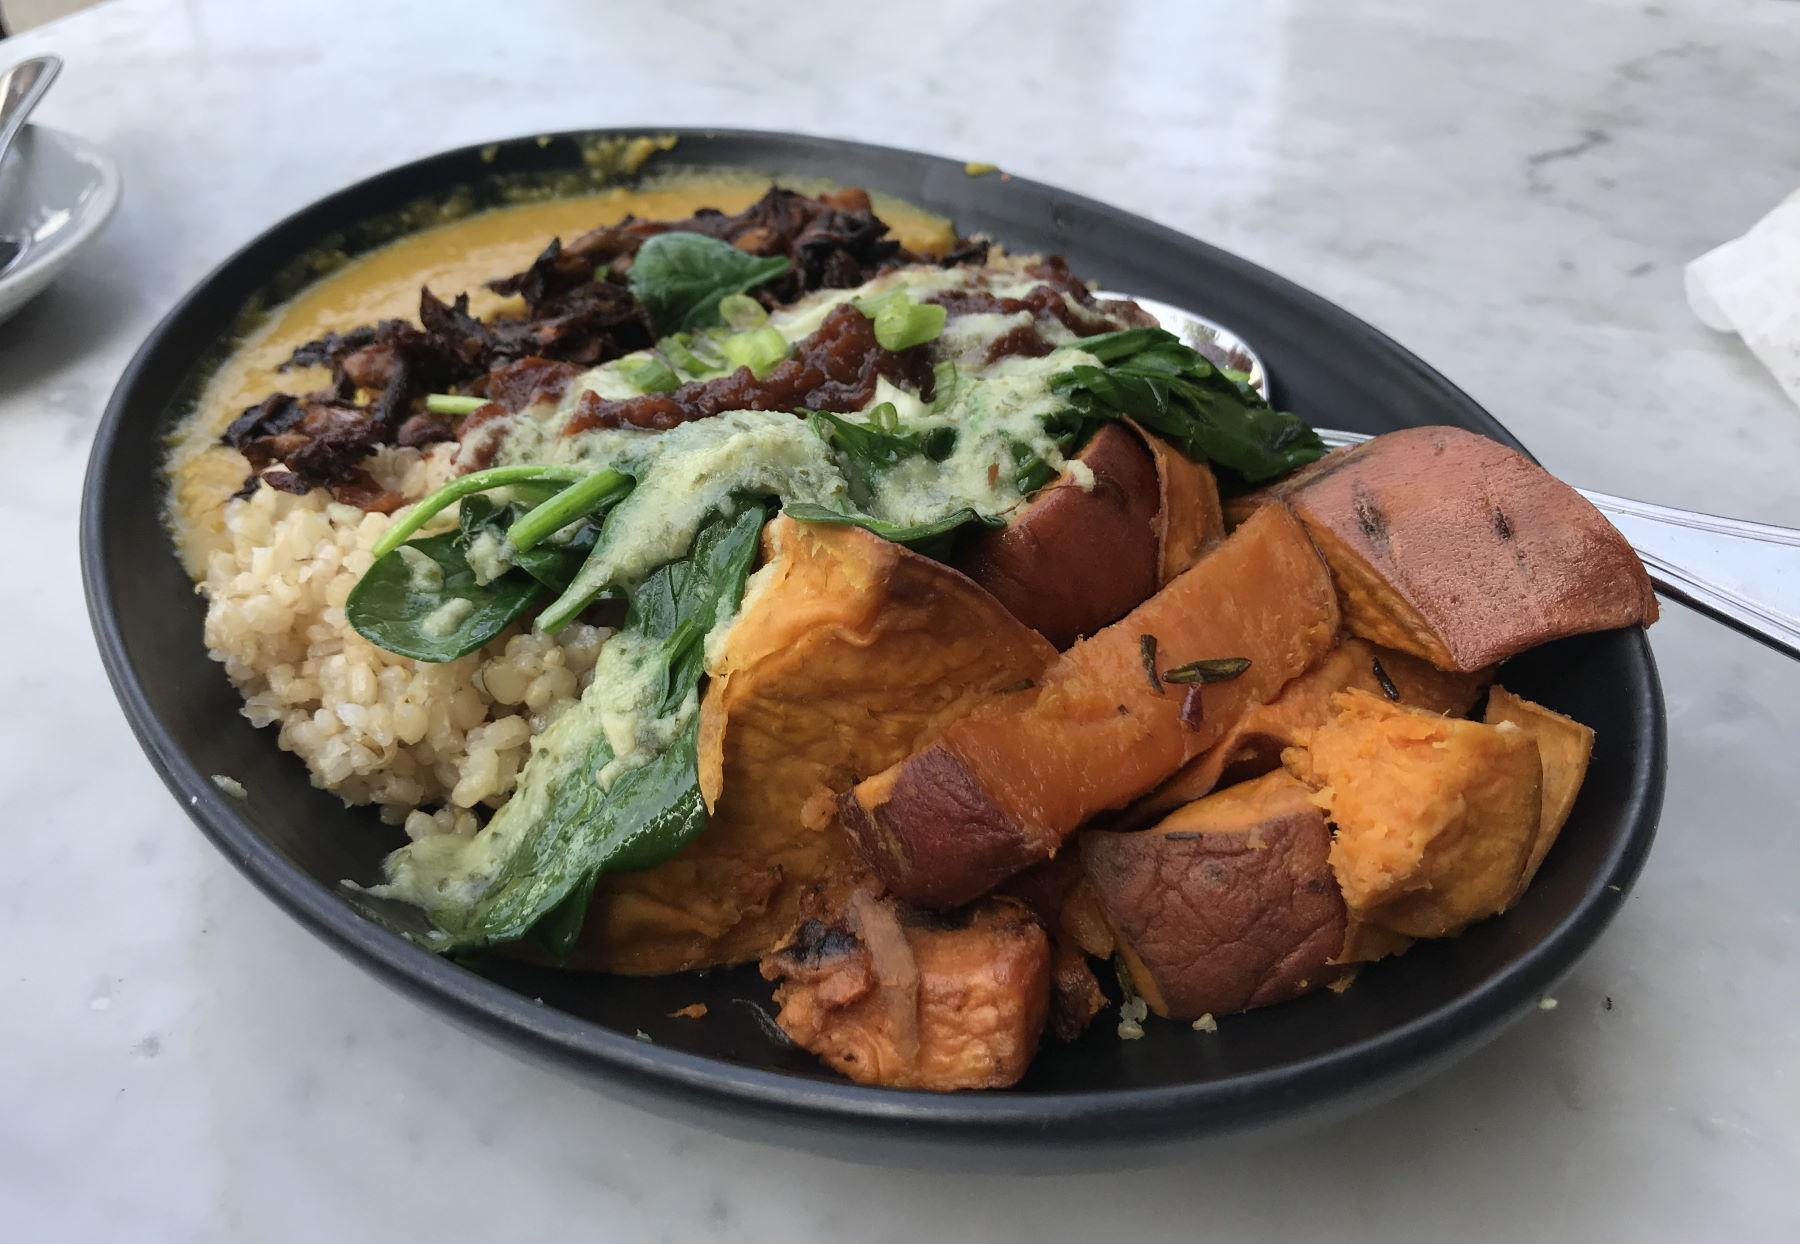 Macrobiotic Bowl at Cafe Gratitude